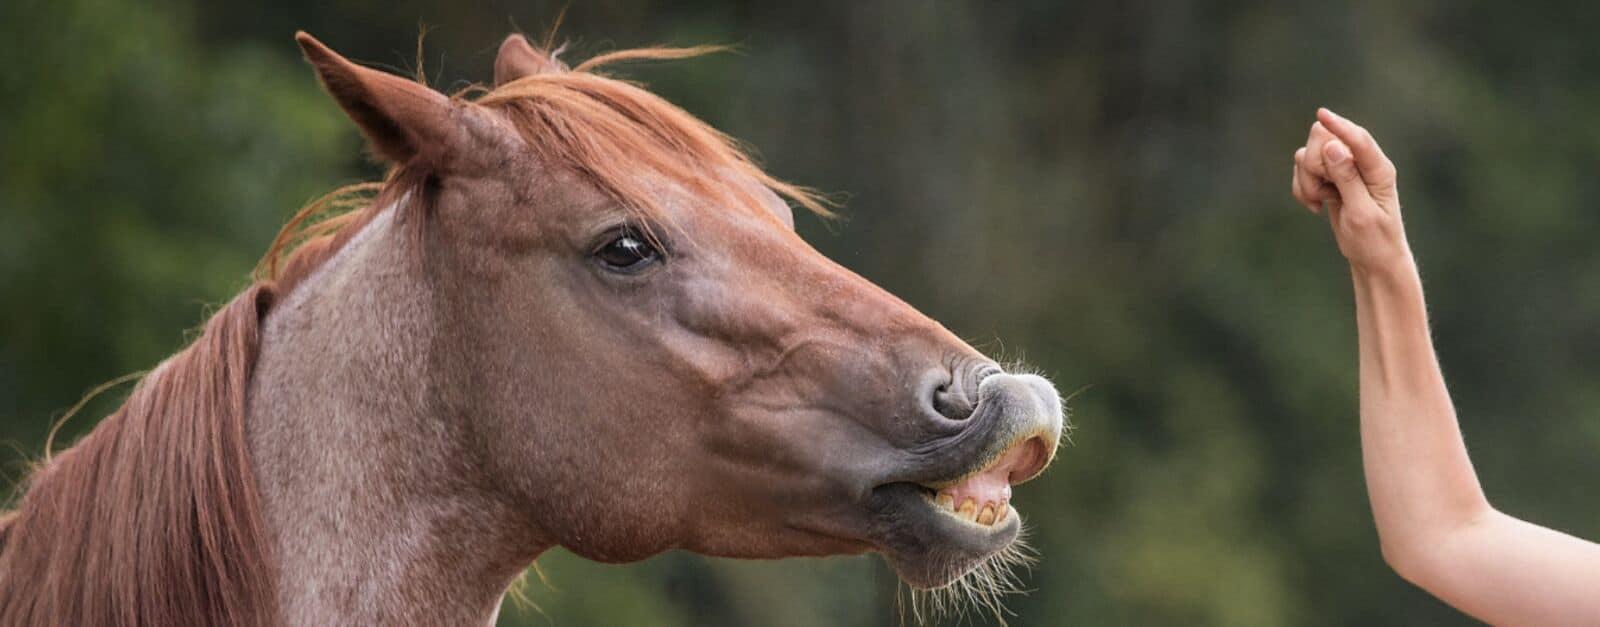 Pferdeflüsterei.de - Weil dein Pferd dich dafür lieben wird. 3